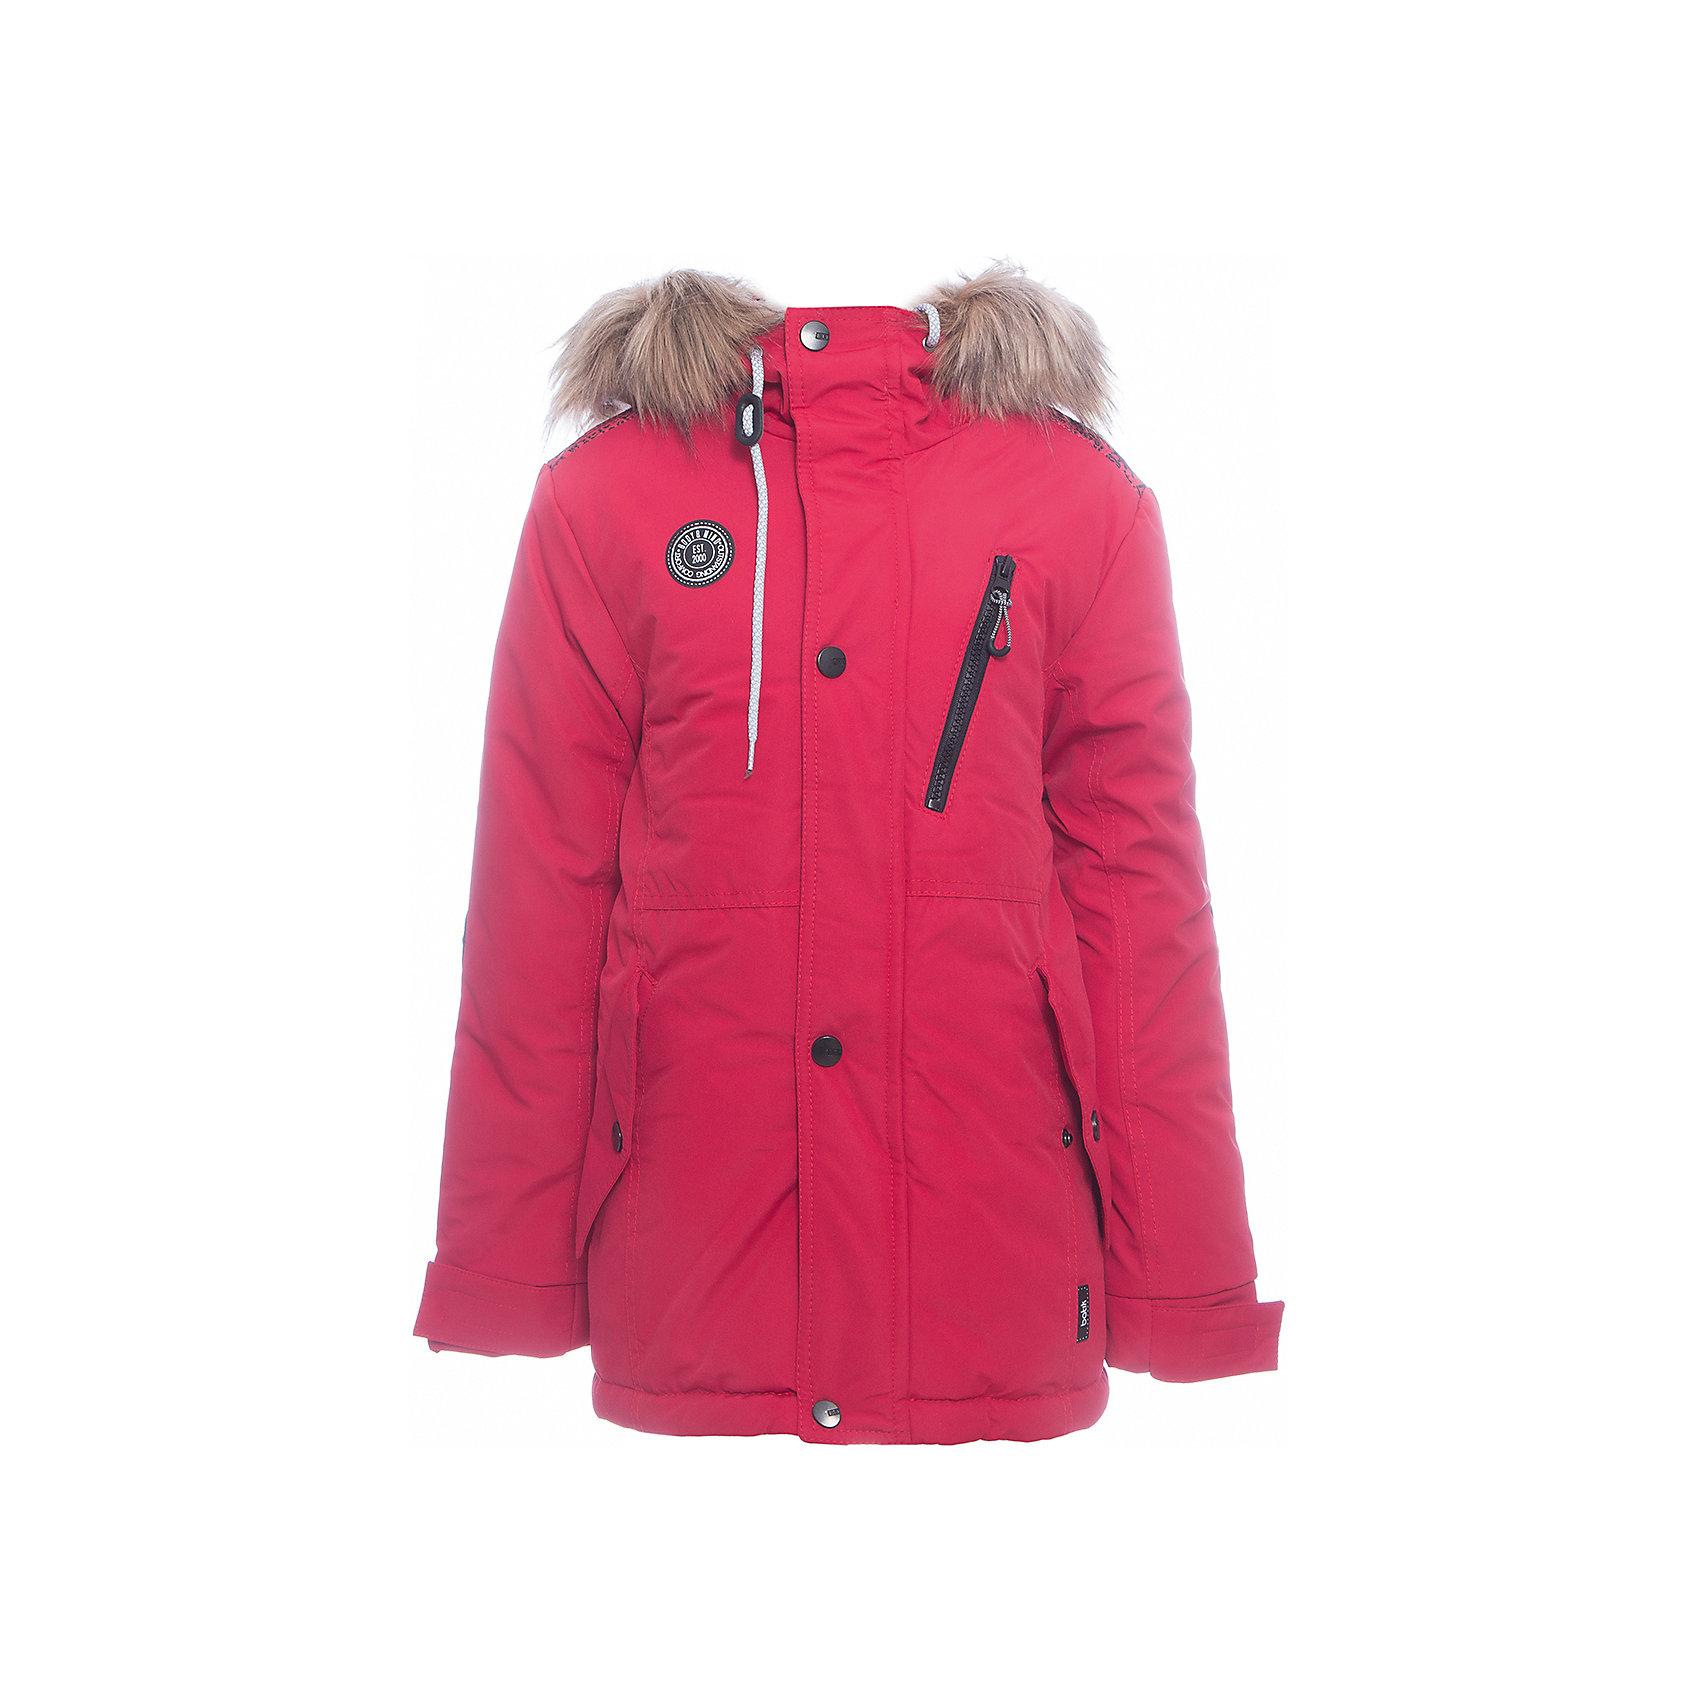 Куртка Игнат Batik для мальчикаВерхняя одежда<br>Характеристики товара:<br><br>• цвет: красный<br>• состав ткани: таслан<br>• подкладка: поларфлис<br>• утеплитель: слайтекс<br>• сезон: зима<br>• мембранное покрытие<br>• температурный режим: от -35 до 0<br>• водонепроницаемость: 5000 мм <br>• паропроницаемость: 5000 г/м2<br>• плотность утеплителя: 300 г/м2<br>• застежка: молния<br>• капюшон: с мехом, несъемный<br>• страна бренда: Россия<br>• страна изготовитель: Россия<br><br>Тепло и удобство одновременно обеспечит мембранная зимняя куртка. Качественный мембранный материал детской куртки не задерживает воздух, но защищает от влаги, ветра и холода. Эта куртка для мальчика подходит для ношения даже в сильные морозы. Детская куртка от бренда Batik отличается удобным капюшоном и карманами. <br><br>Куртку Игнат Batik (Батик) для мальчика можно купить в нашем интернет-магазине.<br><br>Ширина мм: 356<br>Глубина мм: 10<br>Высота мм: 245<br>Вес г: 519<br>Цвет: красный<br>Возраст от месяцев: 144<br>Возраст до месяцев: 156<br>Пол: Мужской<br>Возраст: Детский<br>Размер: 158,128,134,140,146,152<br>SKU: 7028491